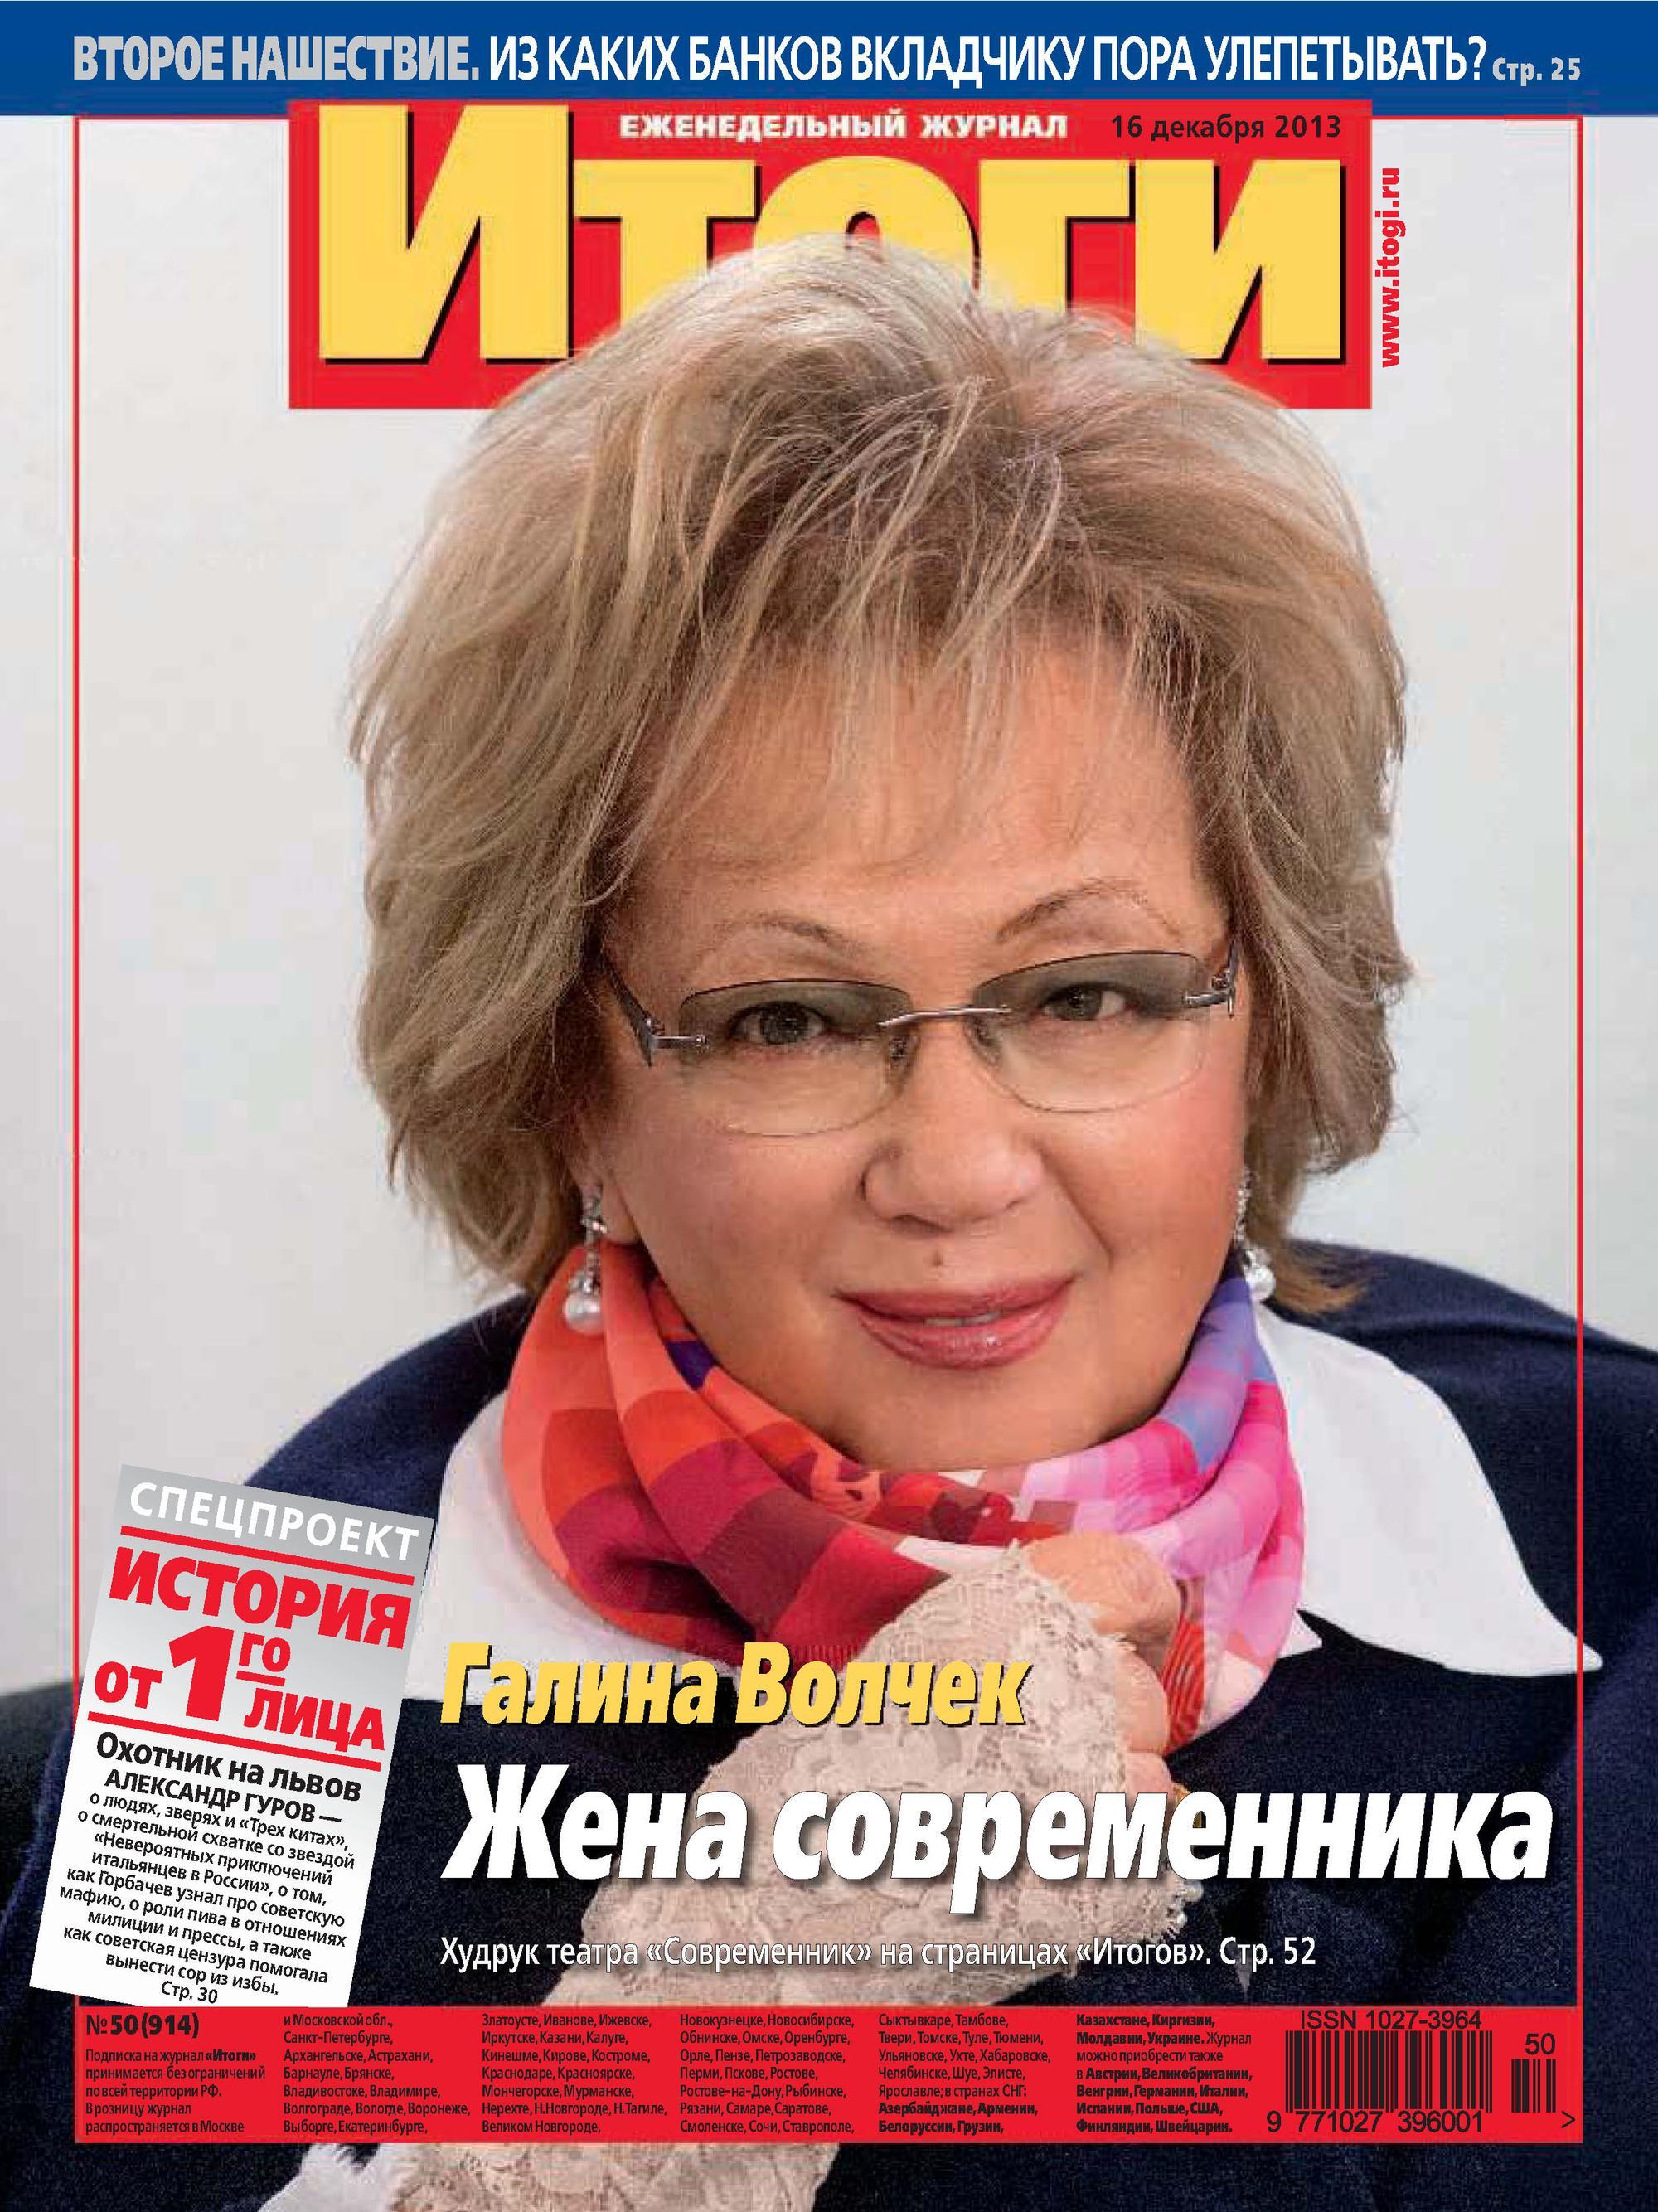 Отсутствует Журнал «Итоги» №50 (914) 2013 отсутствует журнал итоги 32 896 2013